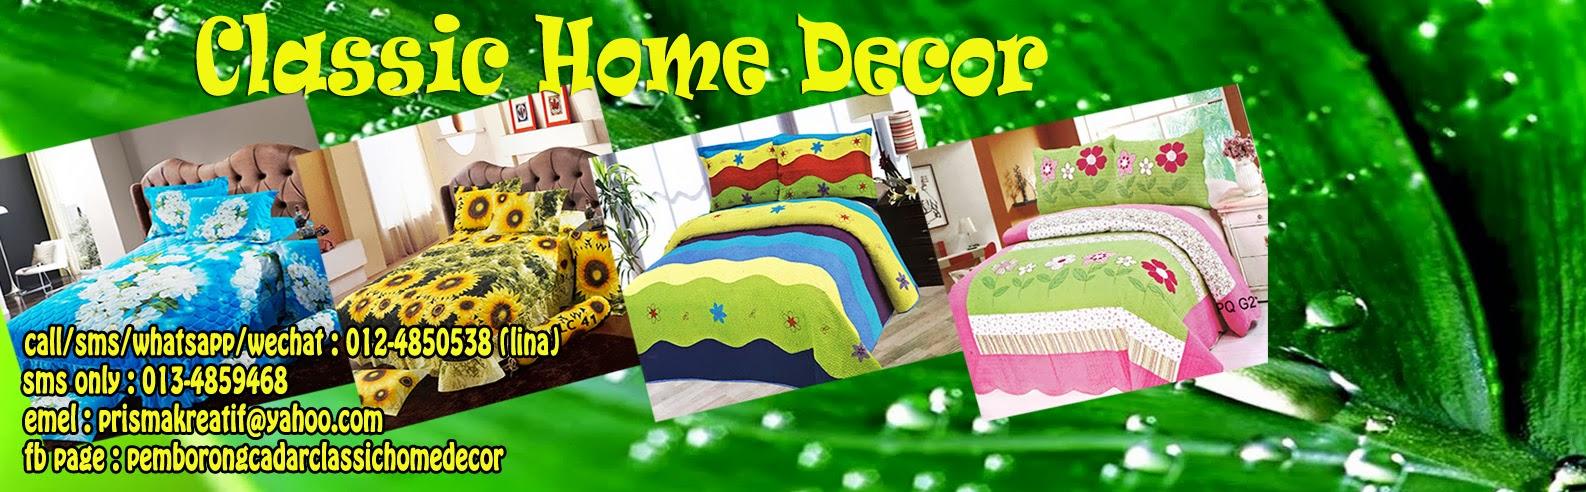 Cadar Classic Home Decor (100% cotton)